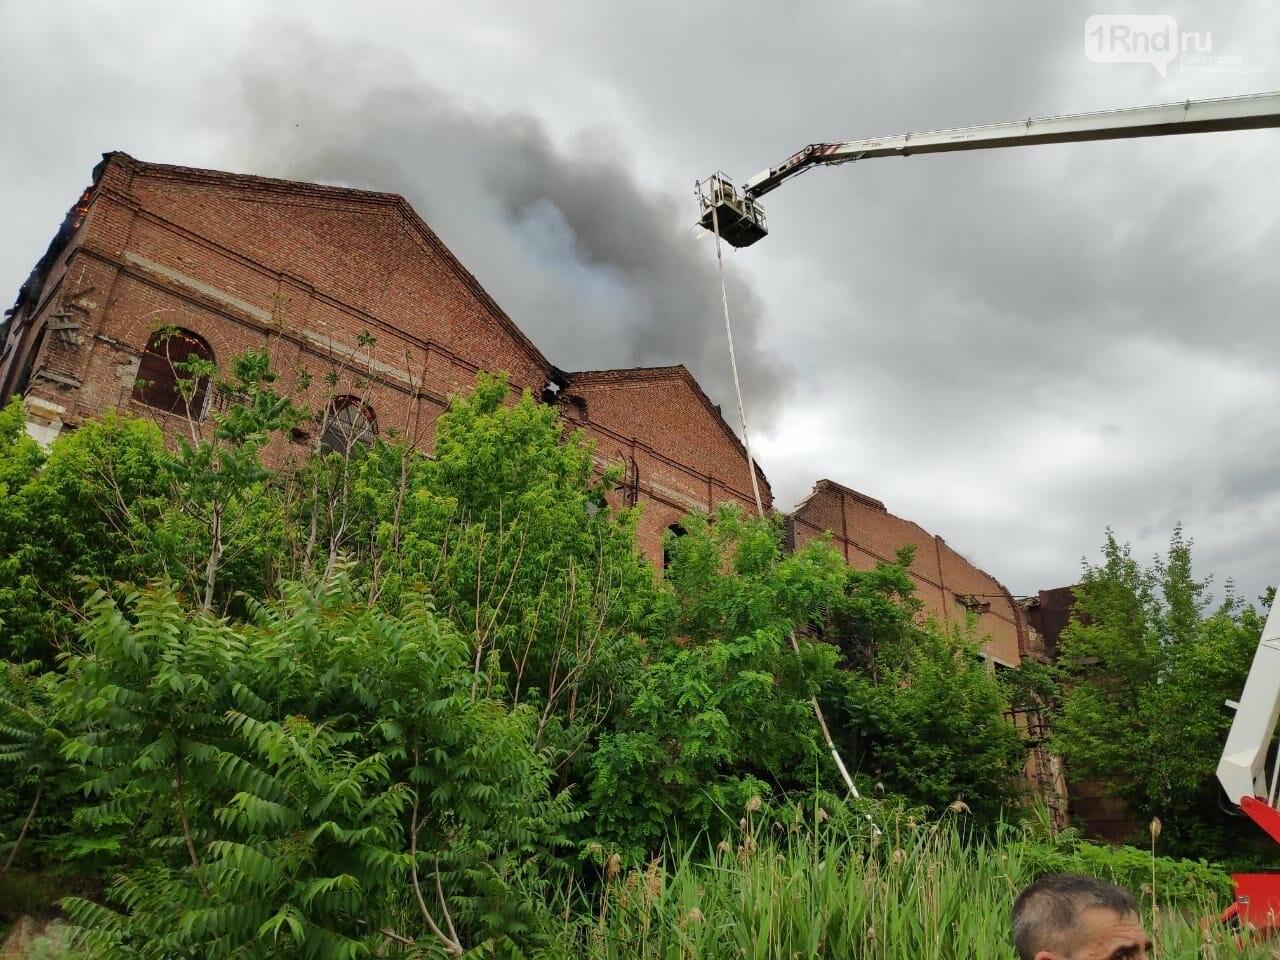 В Таганроге горит заброшенное здание, фото-1